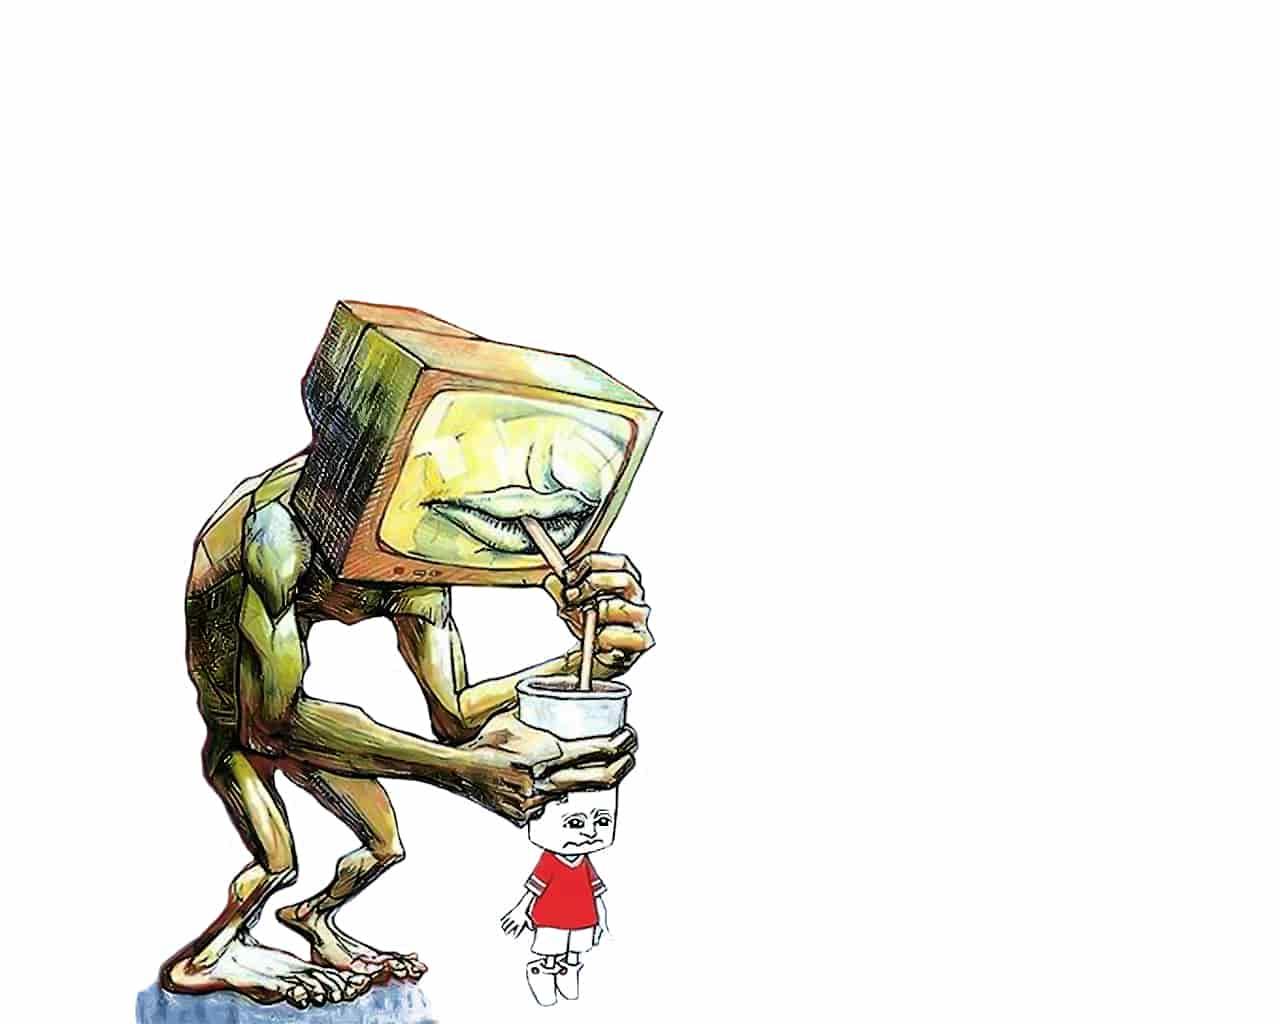 Интернет и телевизор - может ли без них ребенок вырасти неполноценным